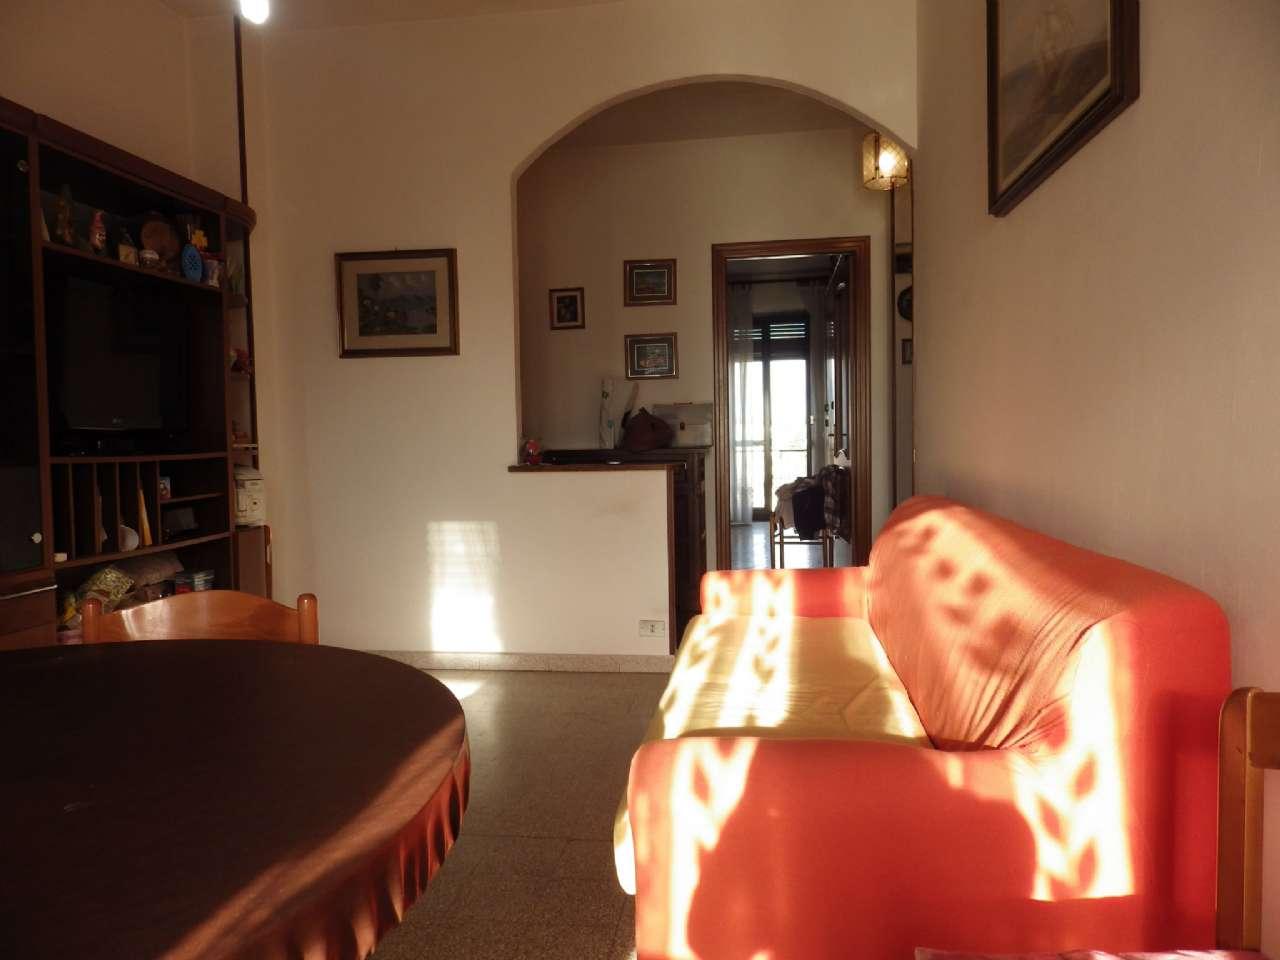 Appartamento in vendita a Collegno, 3 locali, zona Località: Collegno, prezzo € 75.000 | CambioCasa.it